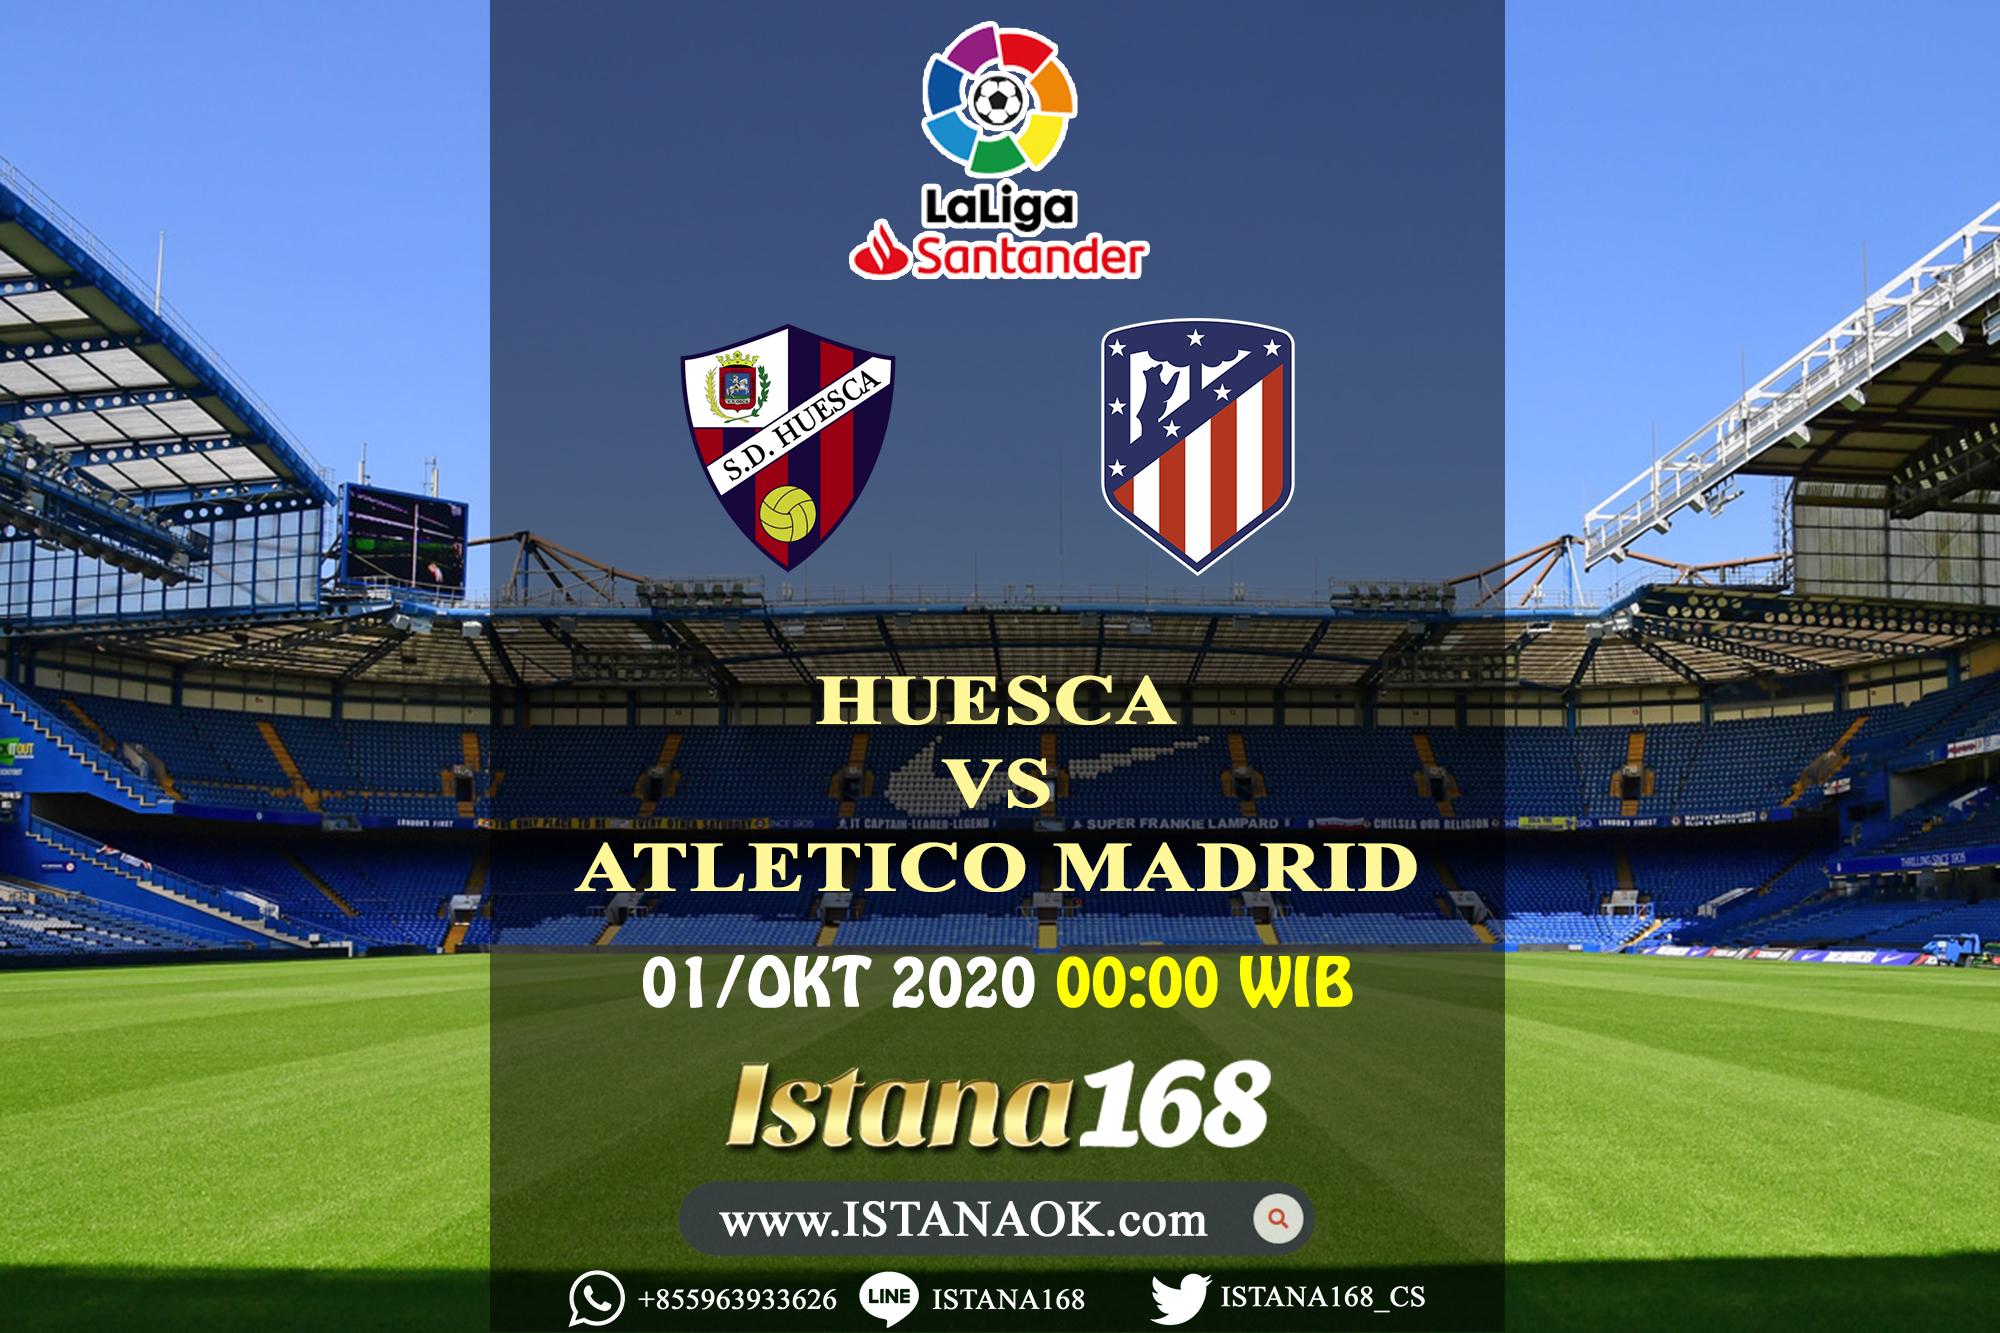 Prediksi Bola Akurat Istana168 Huesca Vs Atletico Madrid 01 Oktober 2020